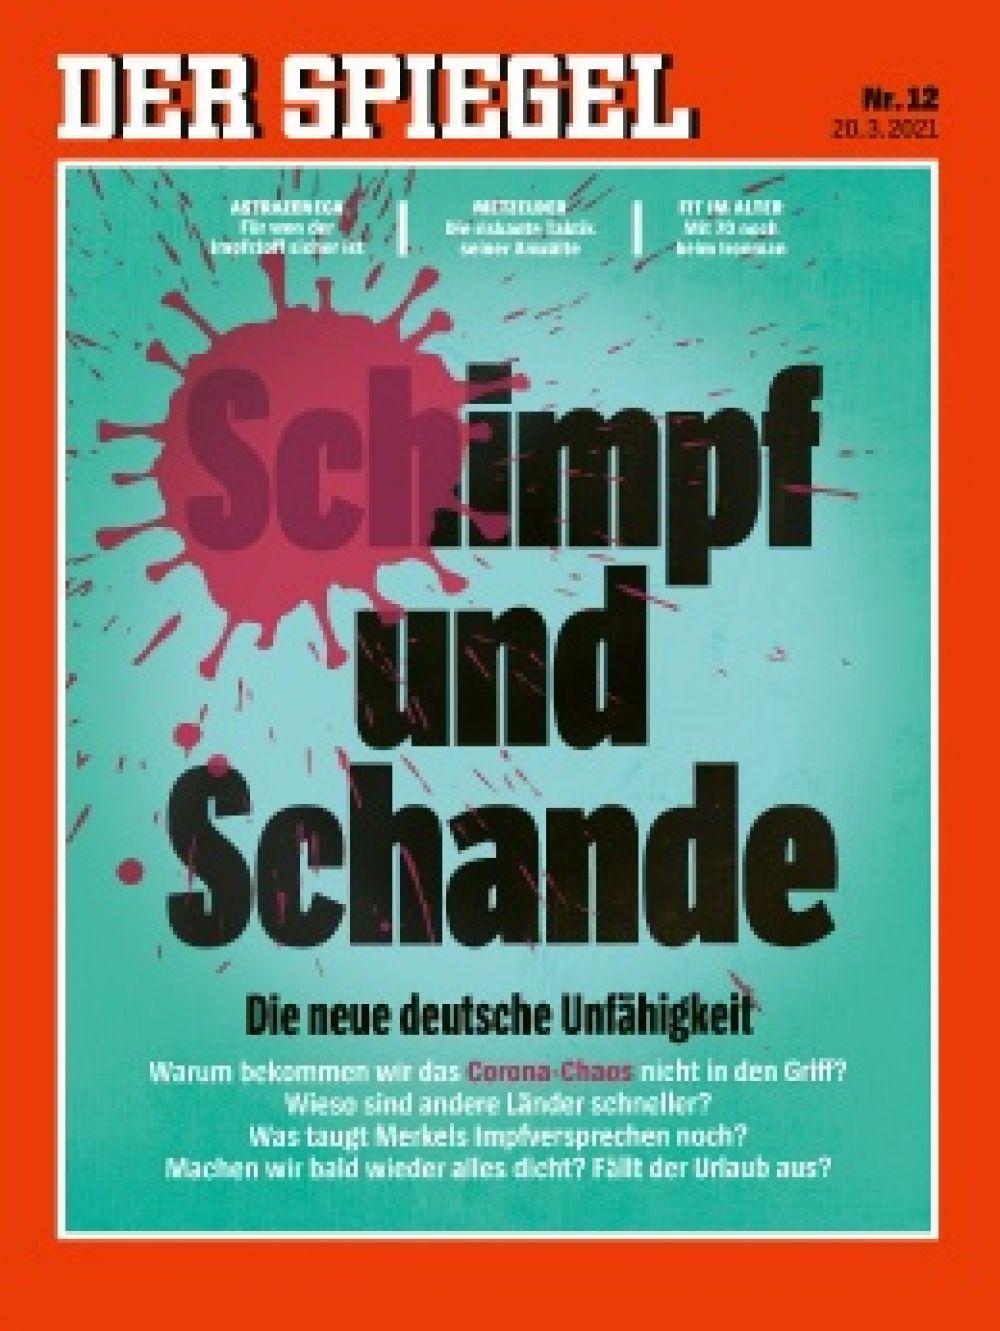 Немецкий Der Spiegel за март. Много вопросов к немецким властям, на которые нет ответа. Например, почему коронавирусный хаос никак не удается взять под контроль?